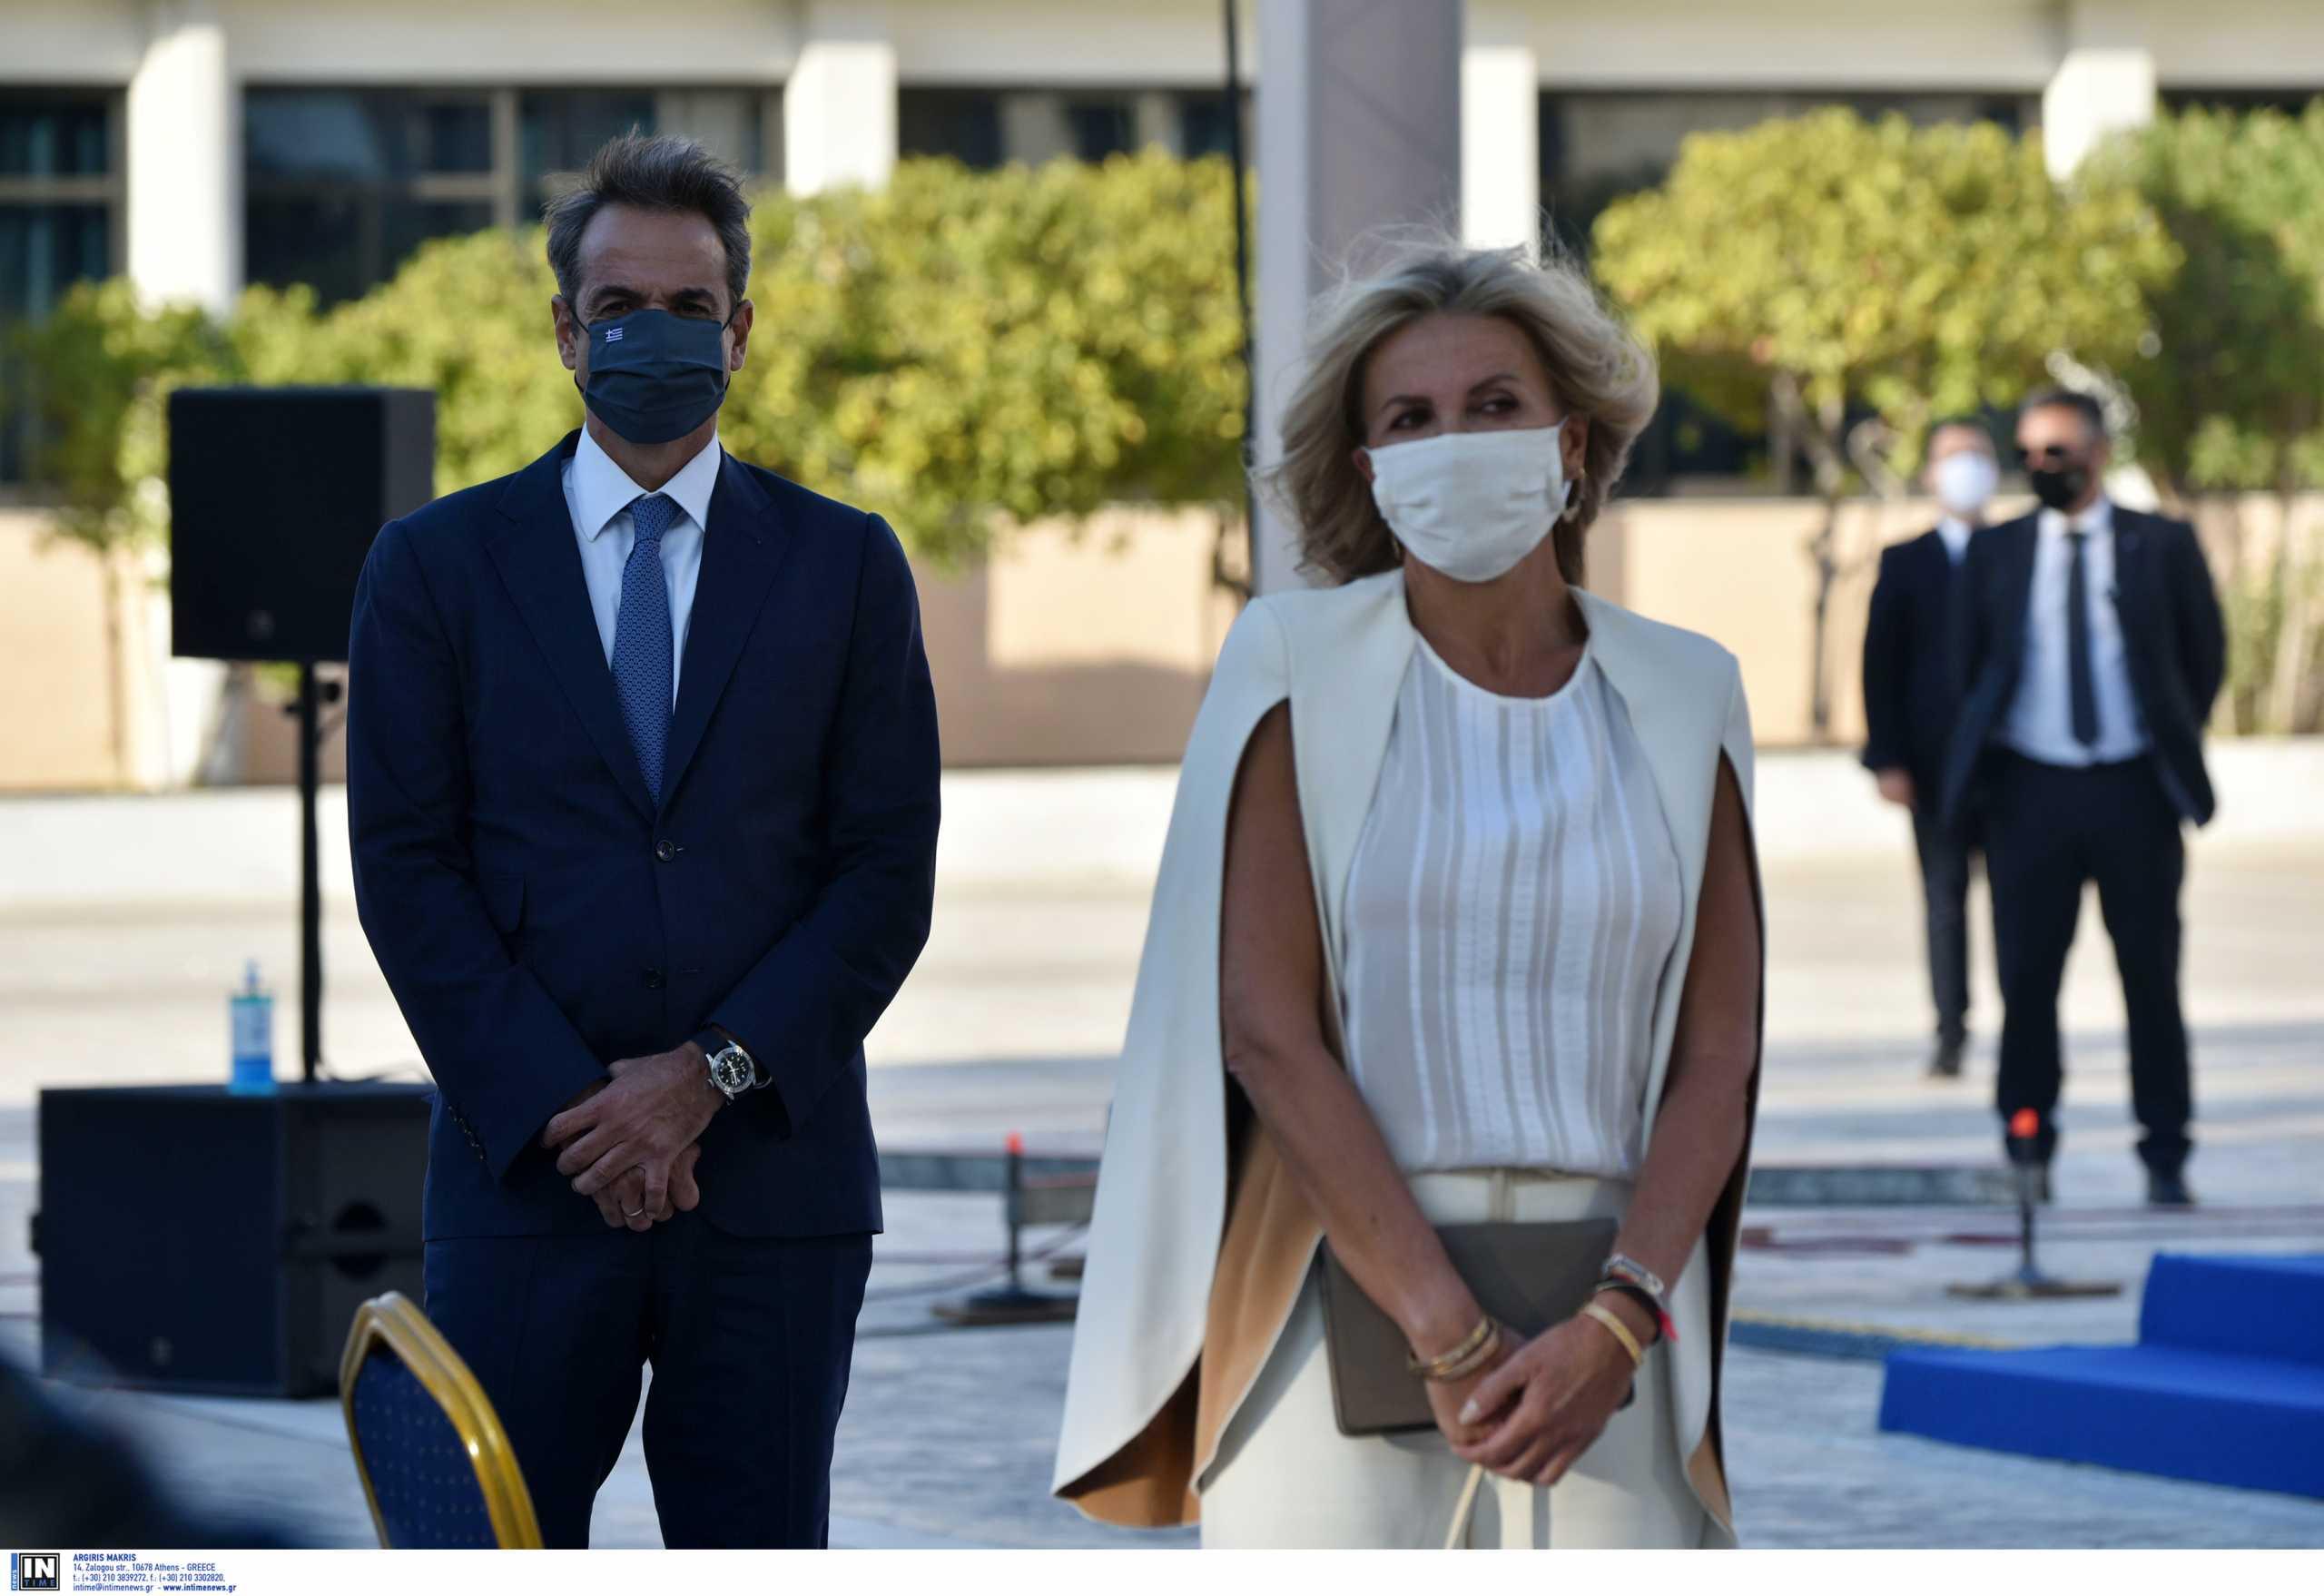 Κορονοϊός: Εμβόλιο στον Ευαγγελισμό για Κυριάκο και Μαρέβα Μητσοτάκη στις 28/12